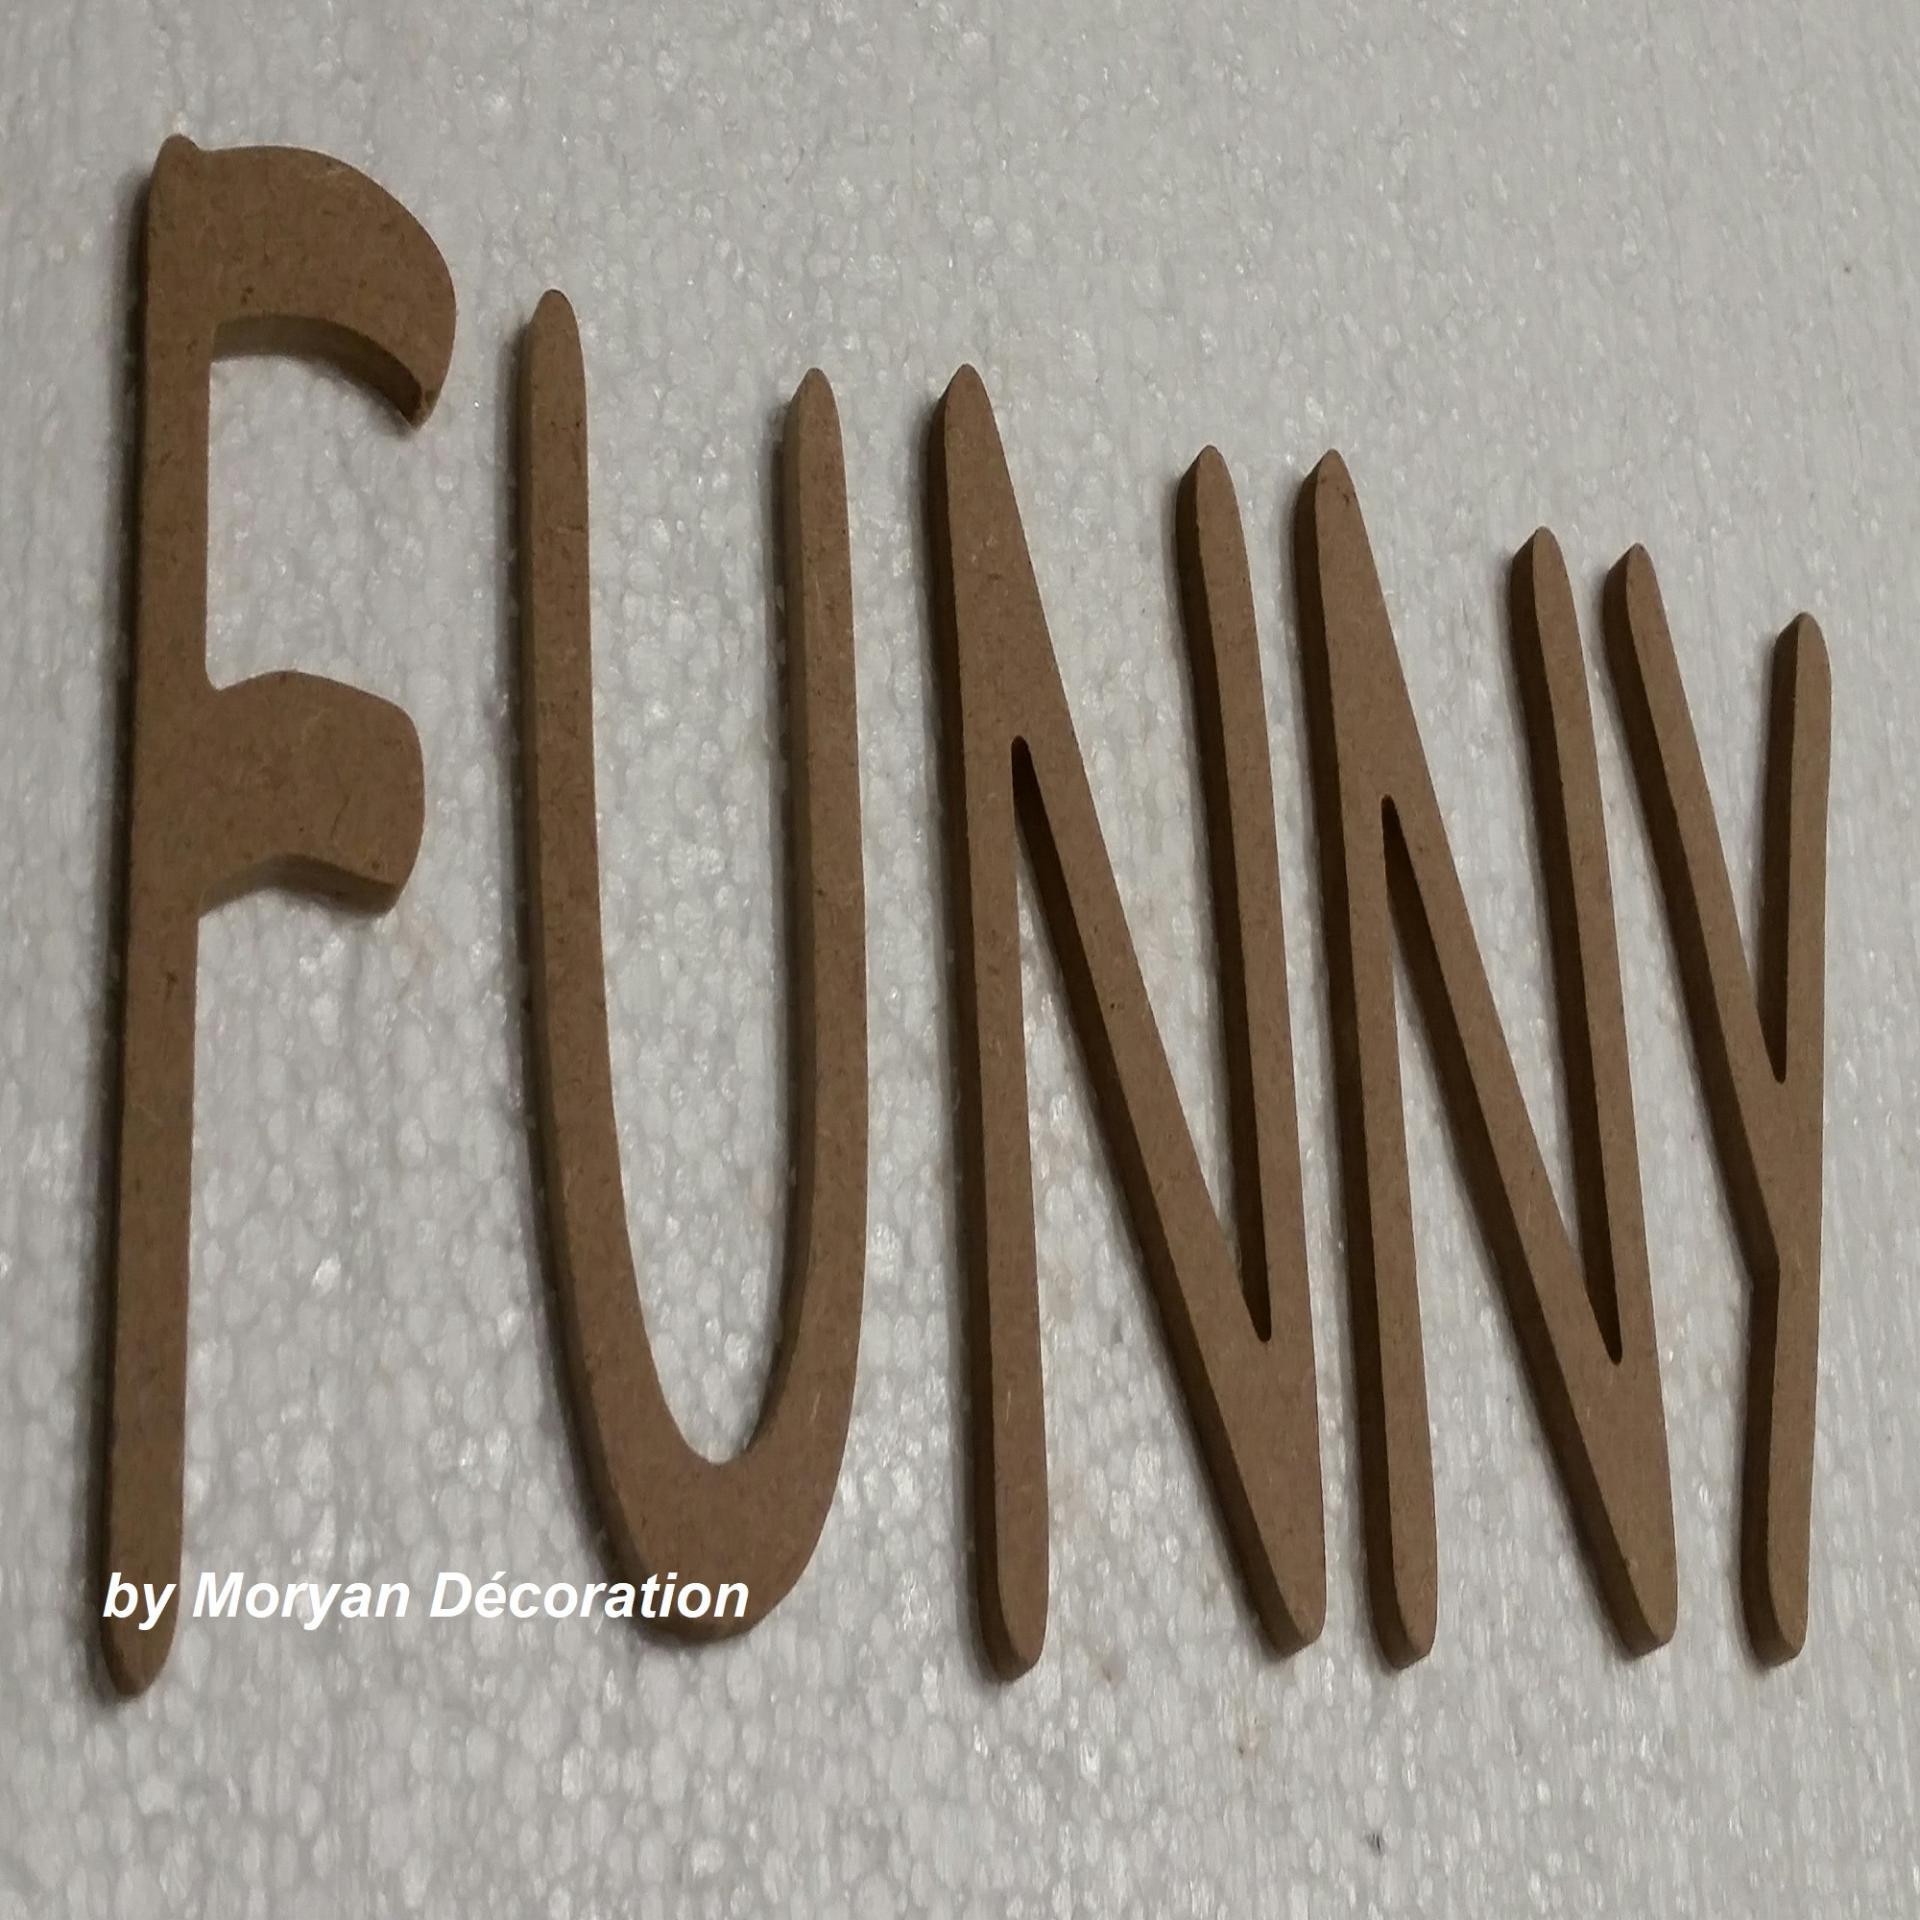 Lettre decorative funny 30 cm